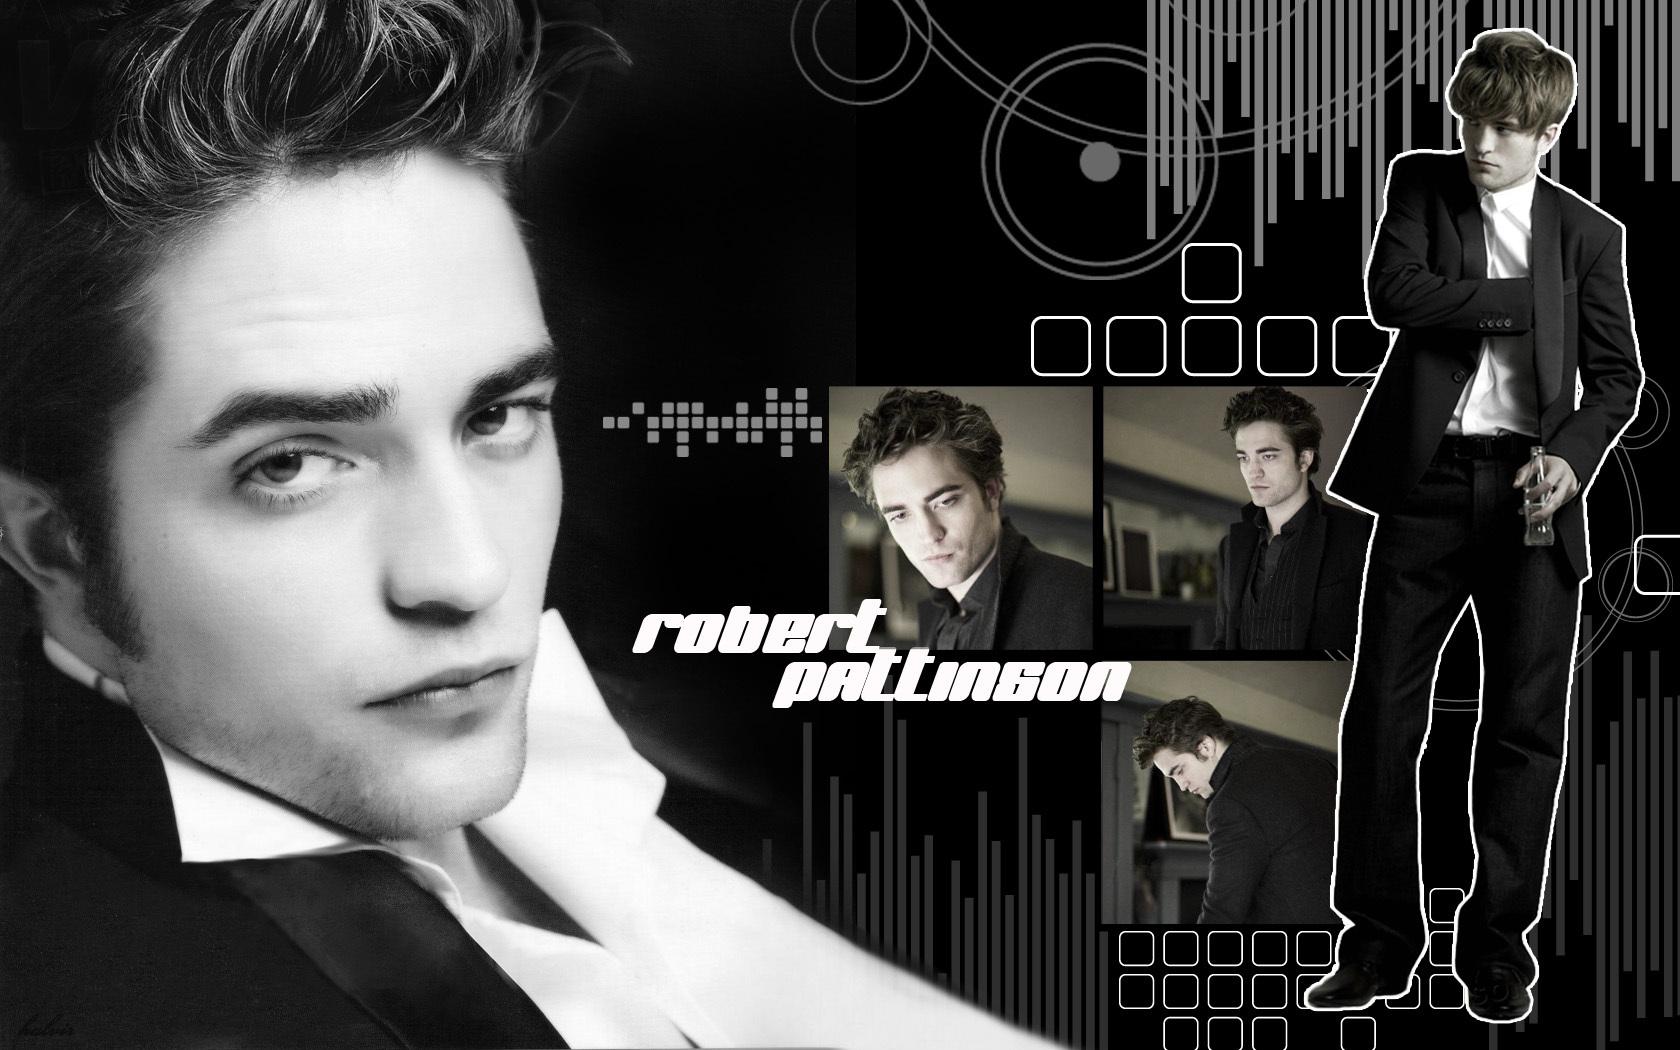 Robert Pattinson - Wallpaper Hot